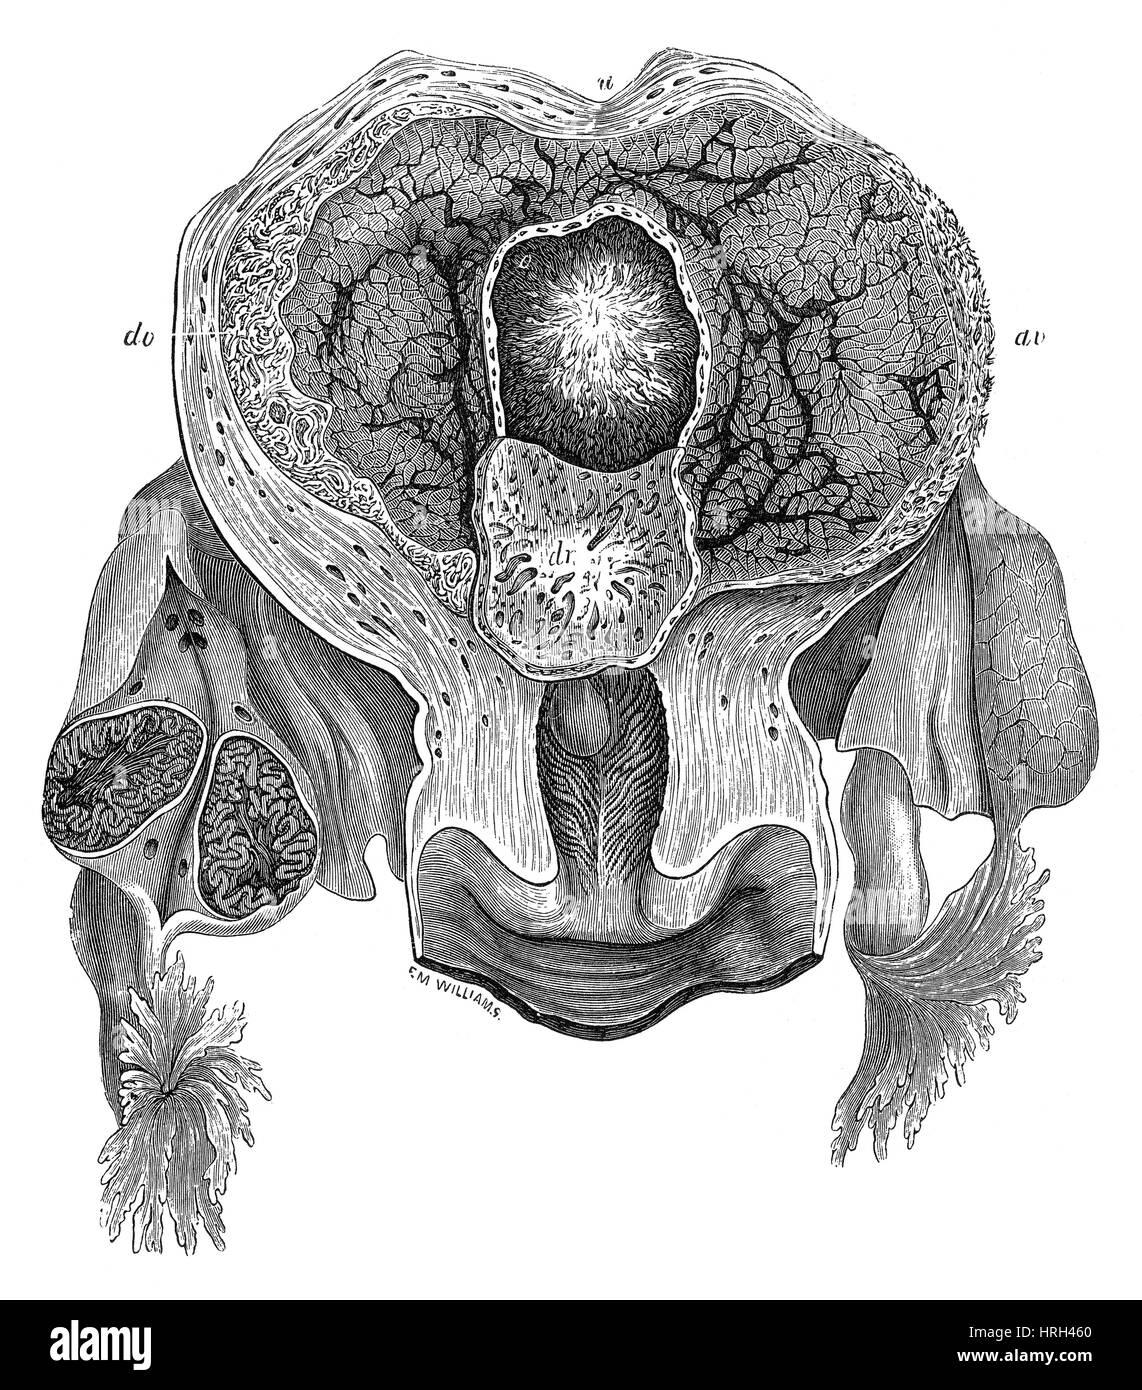 Uterus diagram stock photos uterus diagram stock images alamy human gravid uterus 25th day stock image ccuart Images